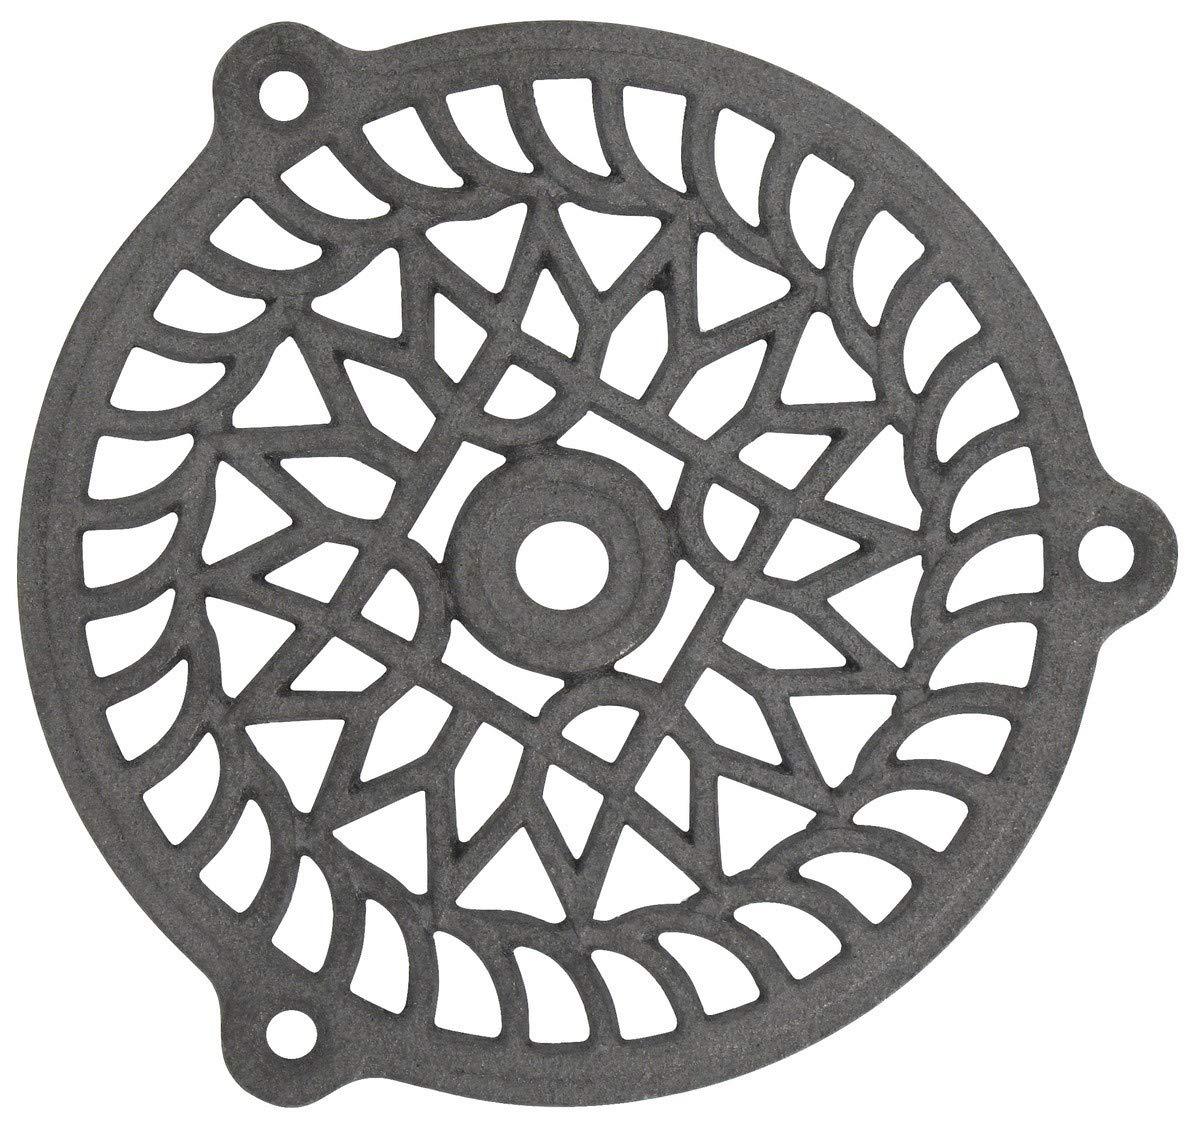 Diam/ètre 160 mm Fonte JARDINIER MASSARD 259861 Grille fixe